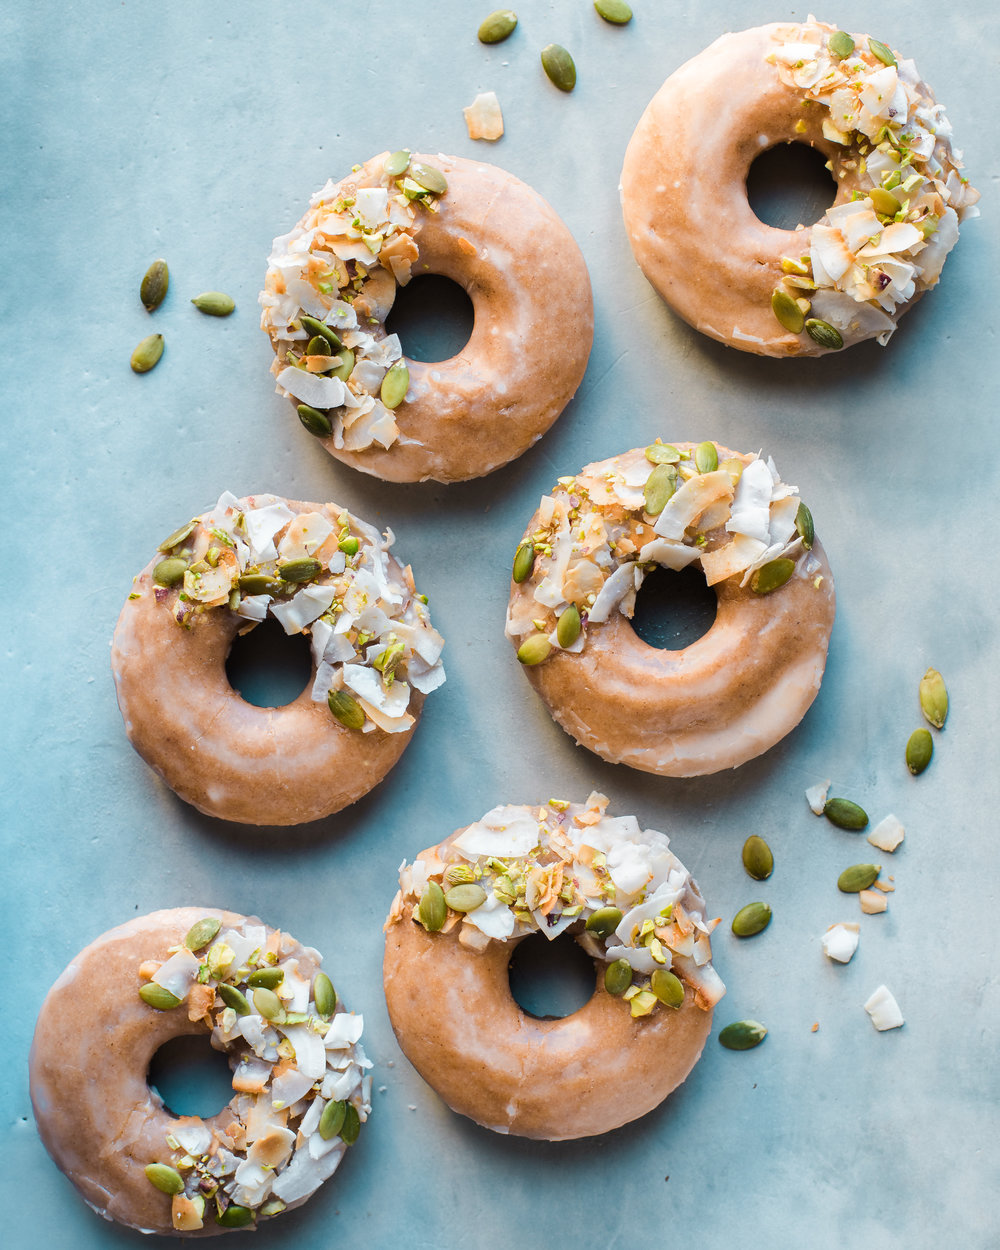 Apple Spice Baked Vegan Donuts